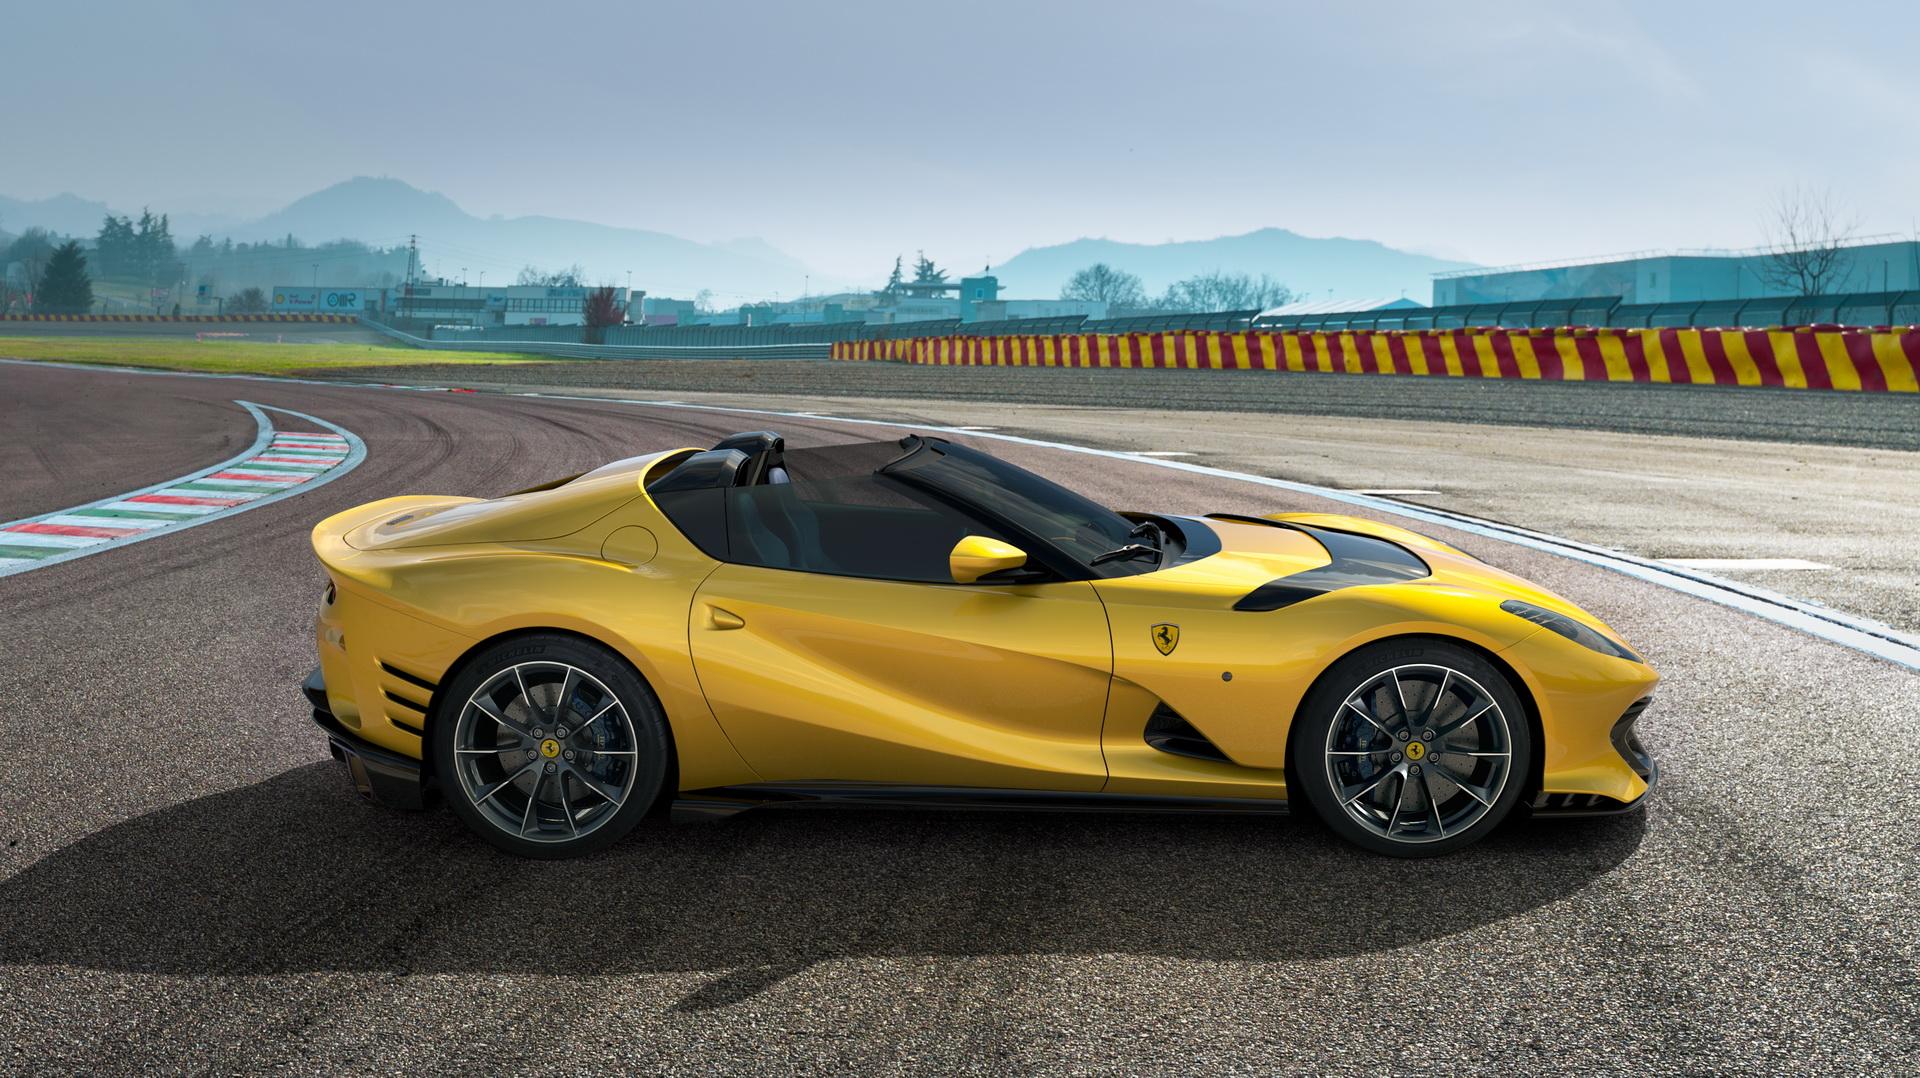 Η Ferrari παρουσίασε την ανοιχτή και κλειστή 812 Competizione (pics)